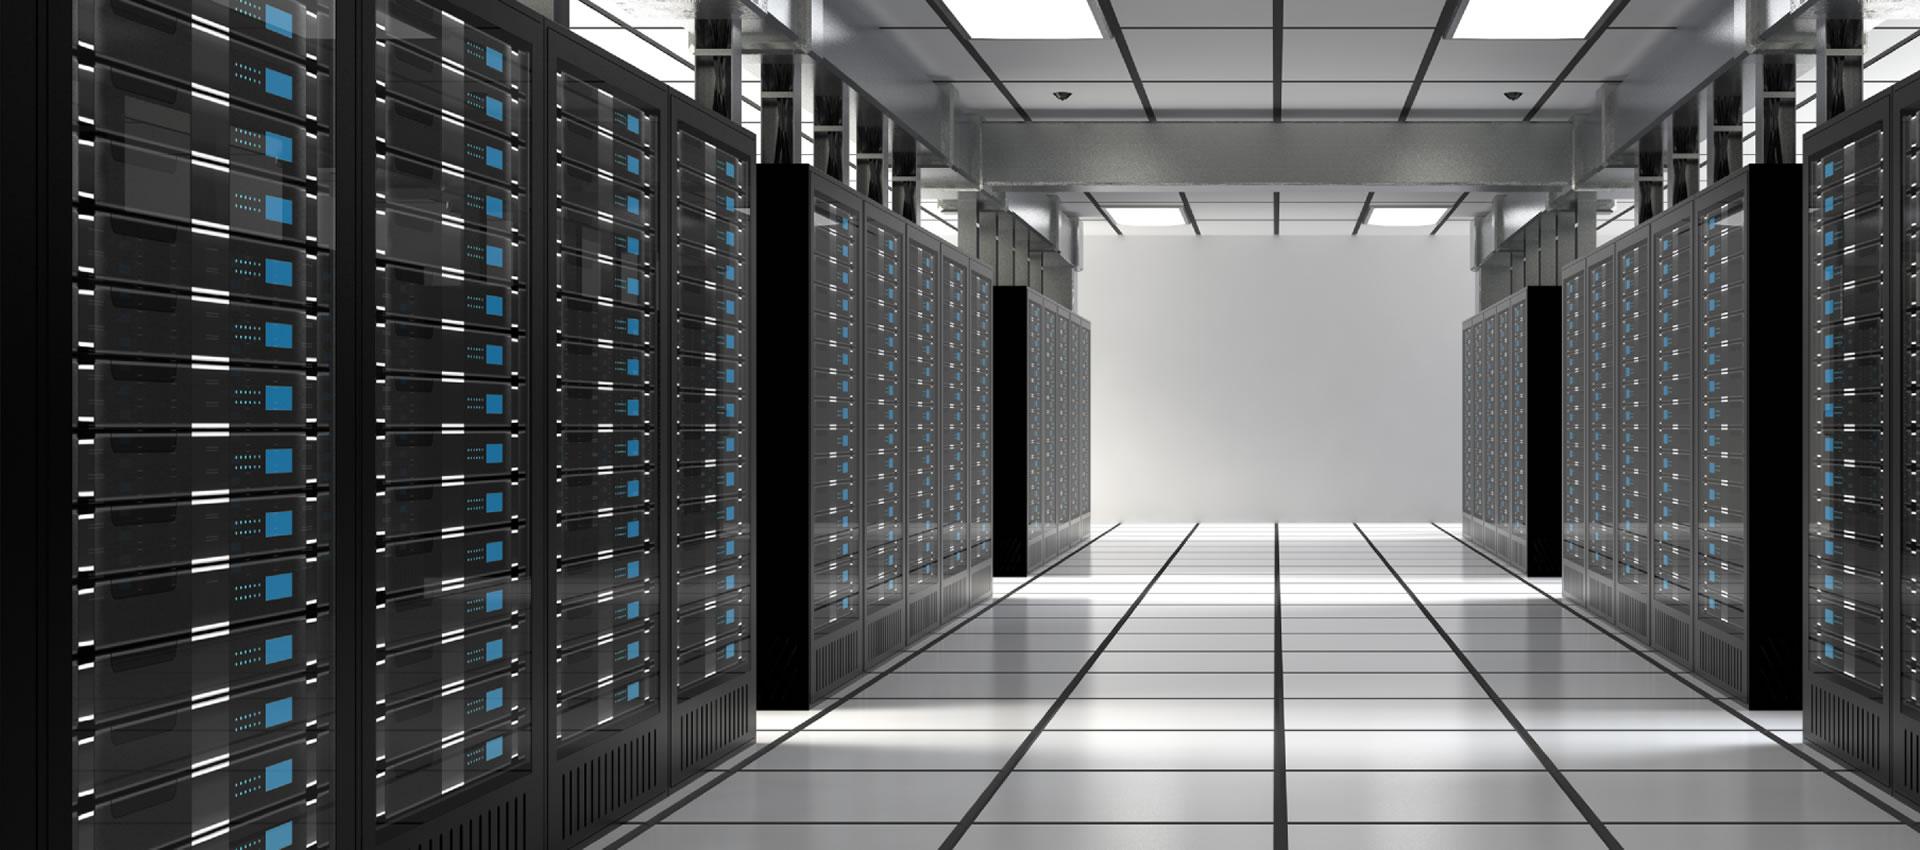 какой лучше всего хостинг кс серверов